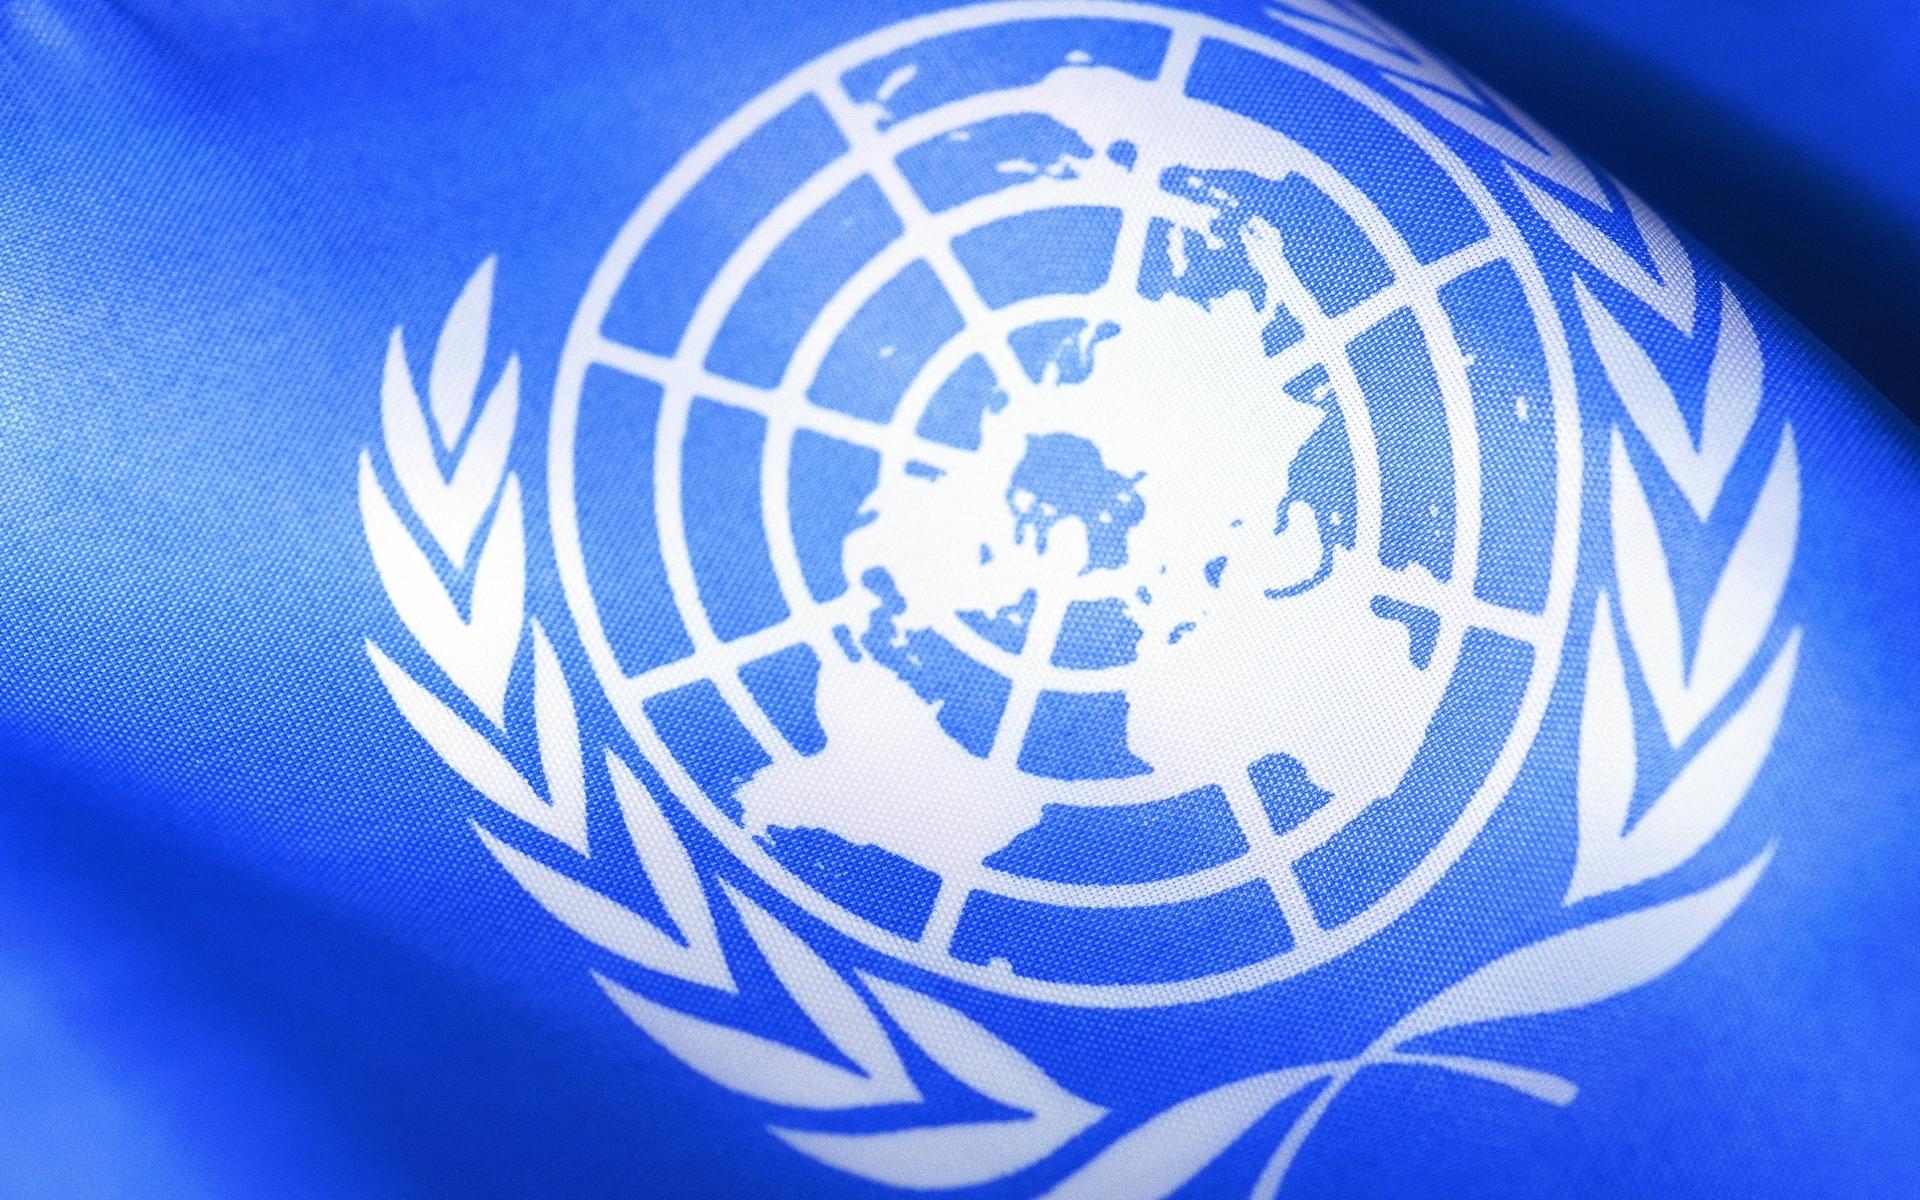 ՄԱԿ-ի պաշտոնական կայքէջում հրապարակվել է Արցախի ԱԳՆ հուշագիրը